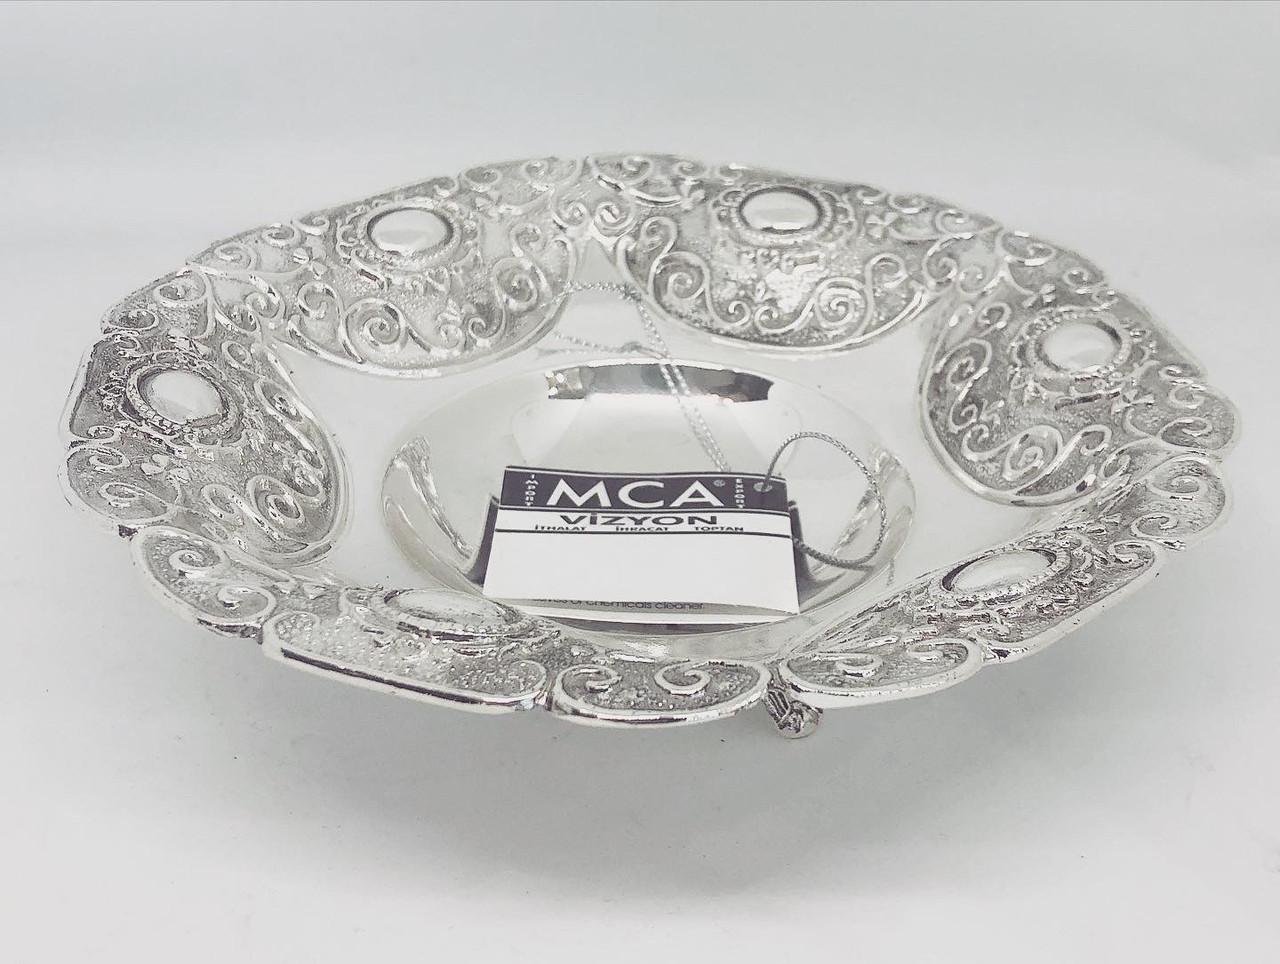 Цукерниця кругла MCA Vizyon з мельхіору з посріблені покрита захисним шаром лаку висота